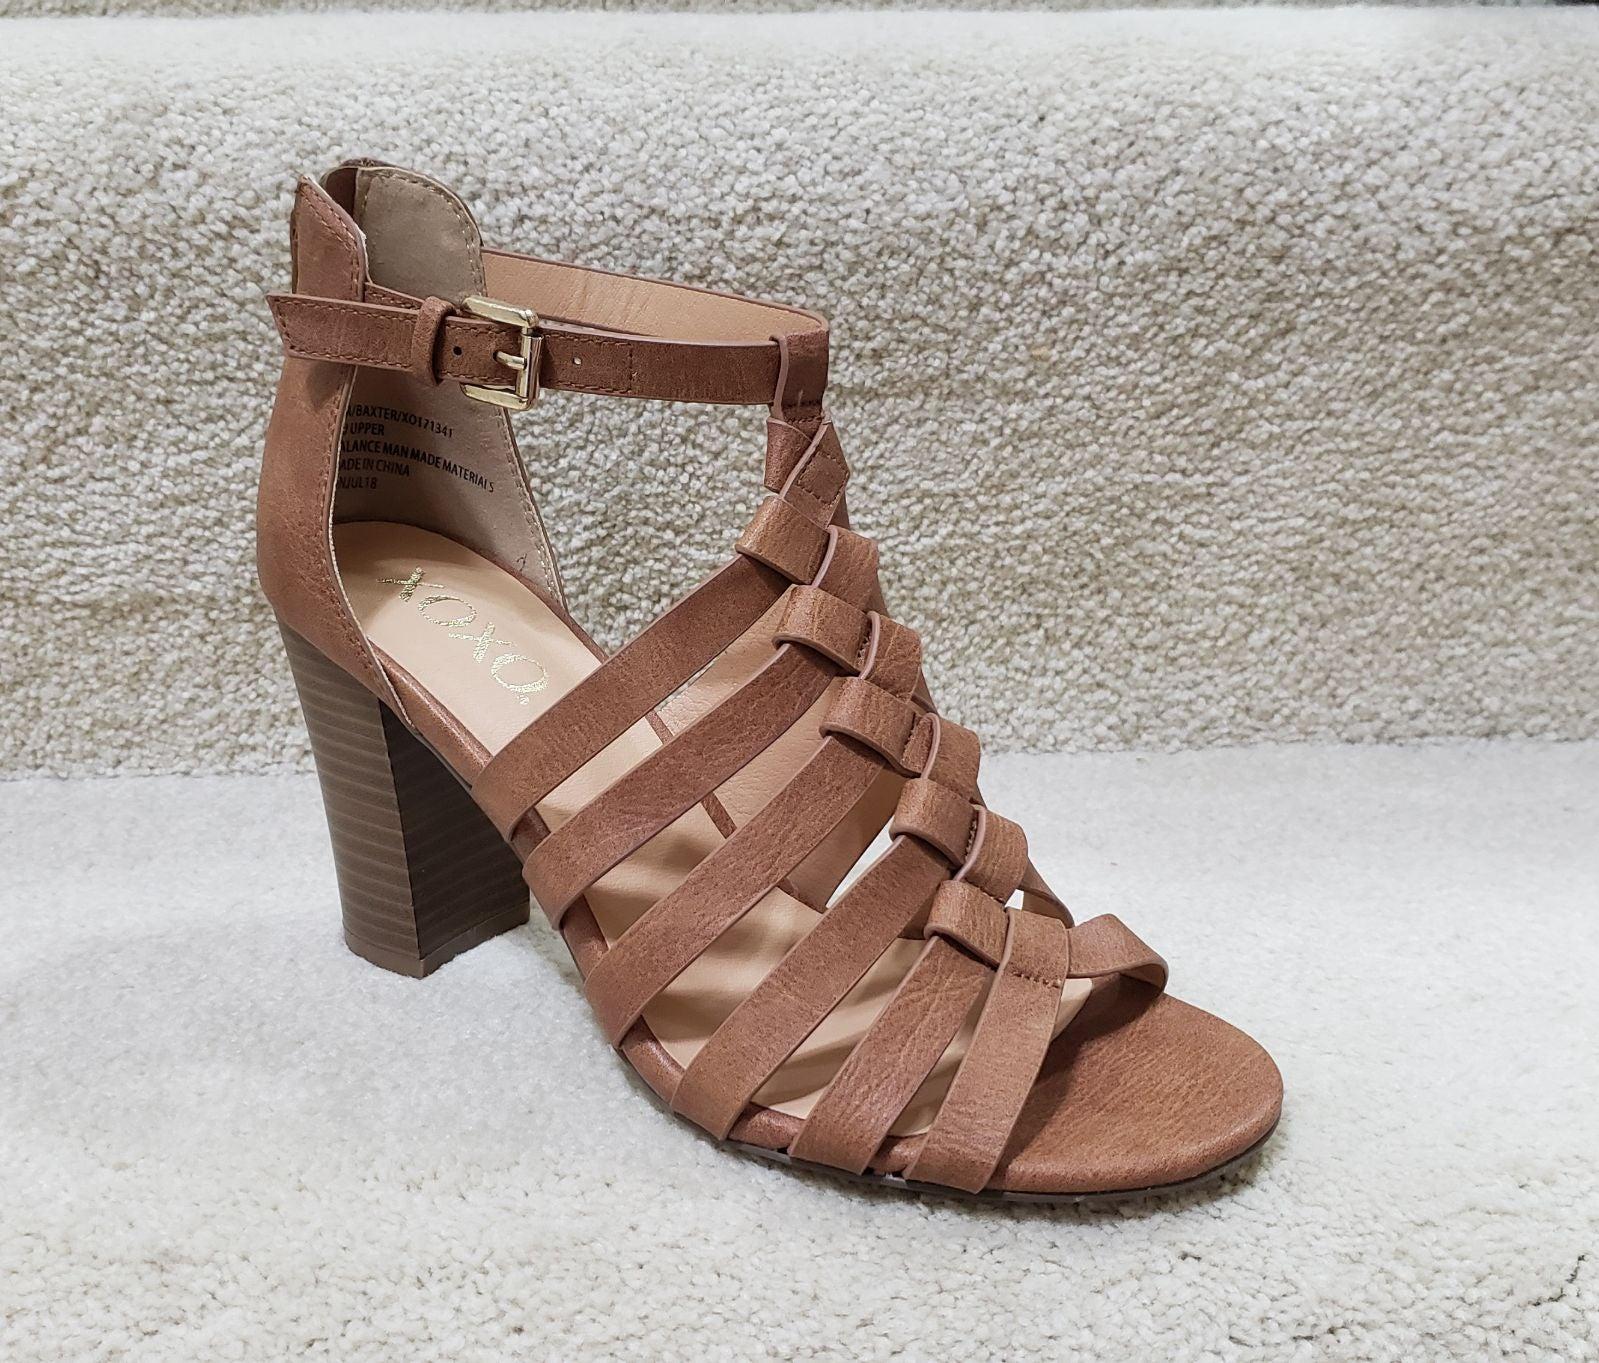 XOXO Baxter Wedge Beige Sandals, Beige 8